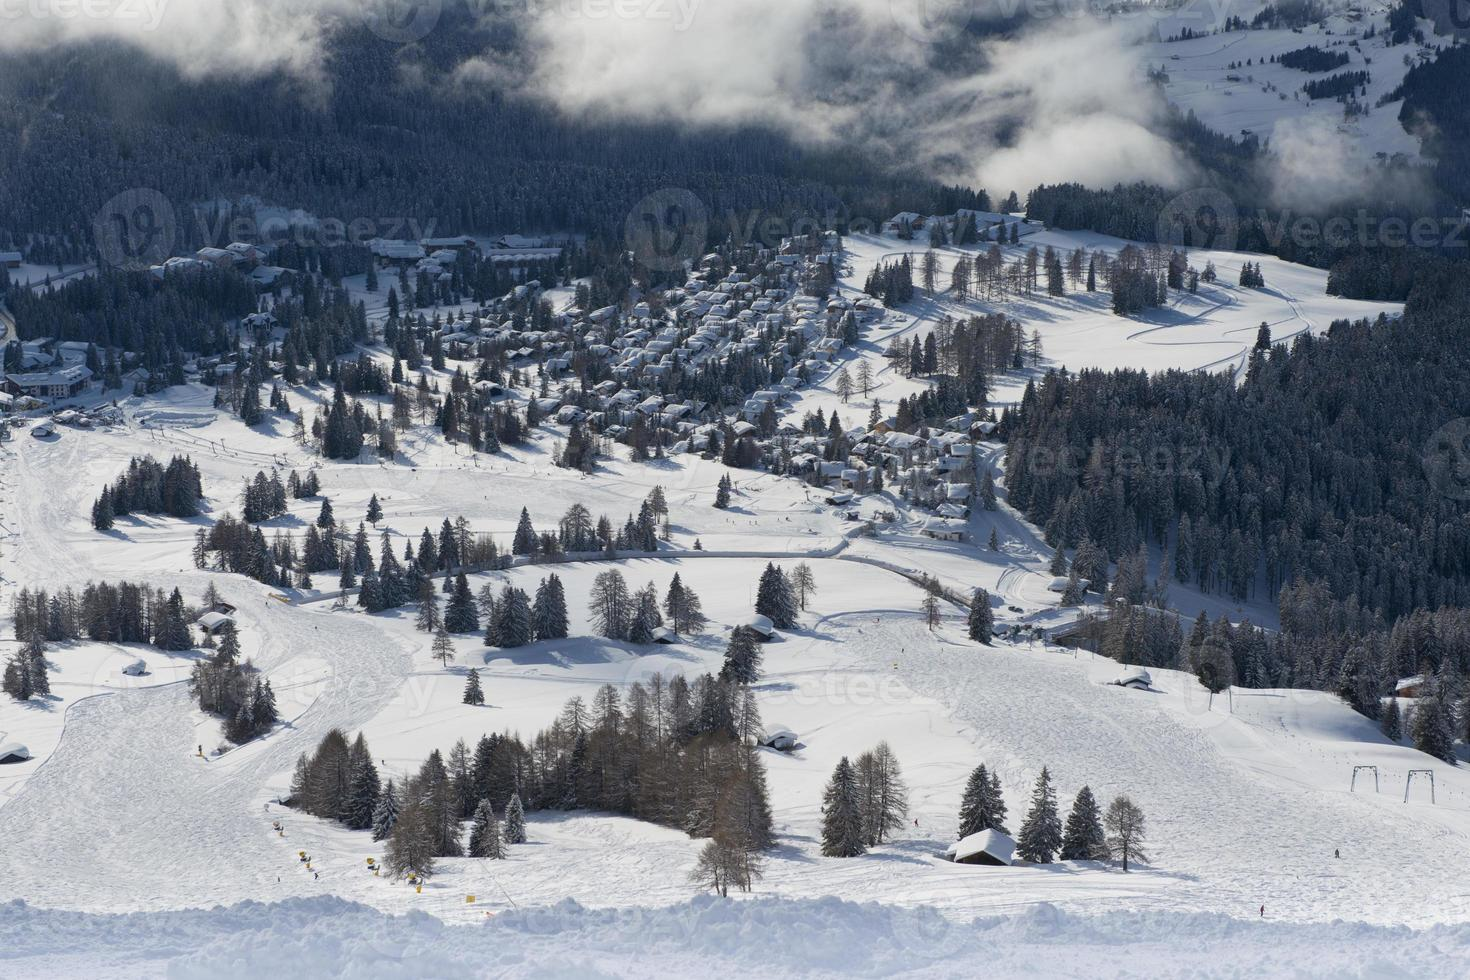 Winter Landscape in the Dolomiti photo